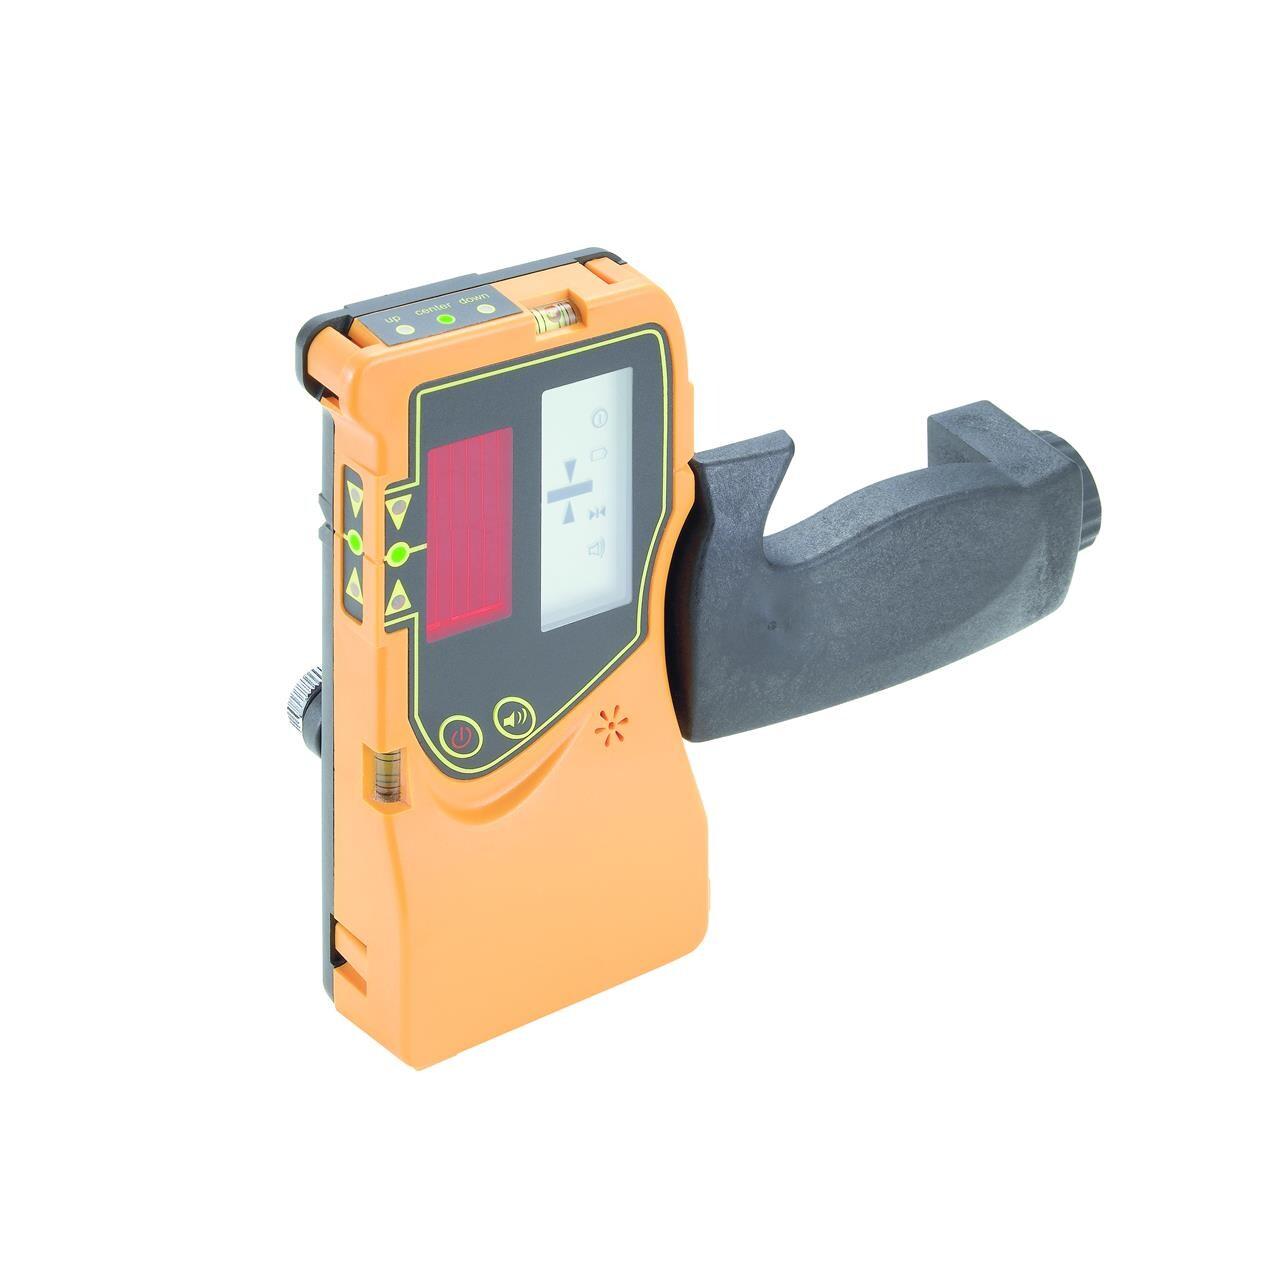 geoFENNEL Modtager FR 55 t/RØD/GRØN streglaser - Værktøj -> Laser og måleinstrumenter -> Laser -> Modtager Værktøj -> Laser og måleinstrumenter -> Laser Værktøj -> Laser og måleinstrumenter Mærker -> geo-FENNEL